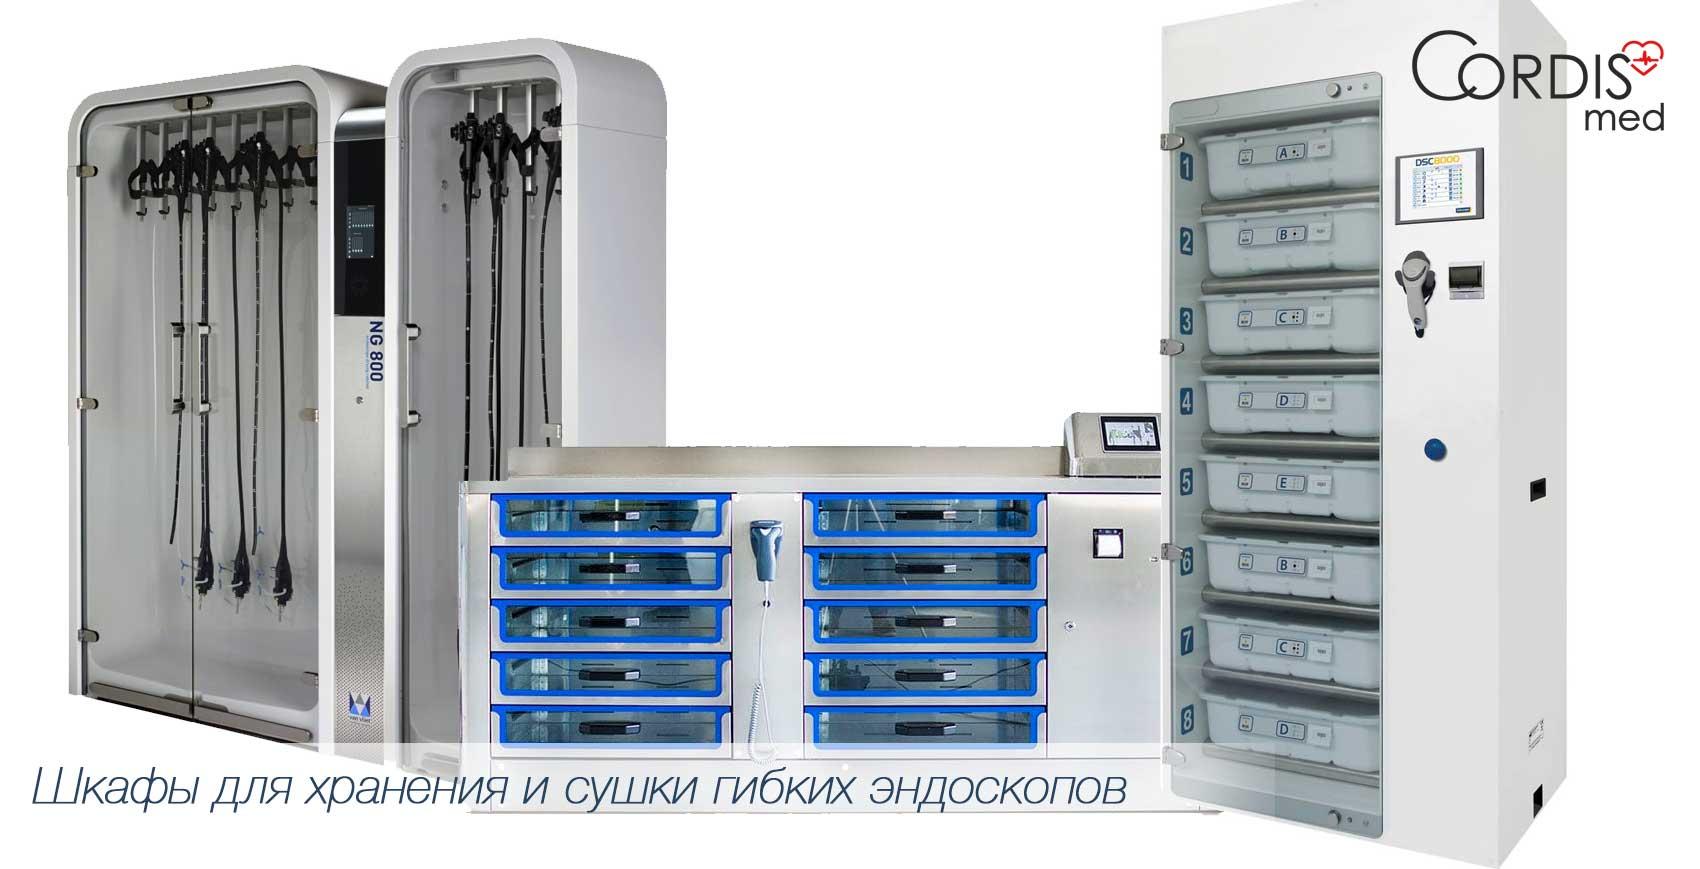 Держатели эндоскопов. Устройство и принцип работы шкафа для хранения и сушки эндоскопов